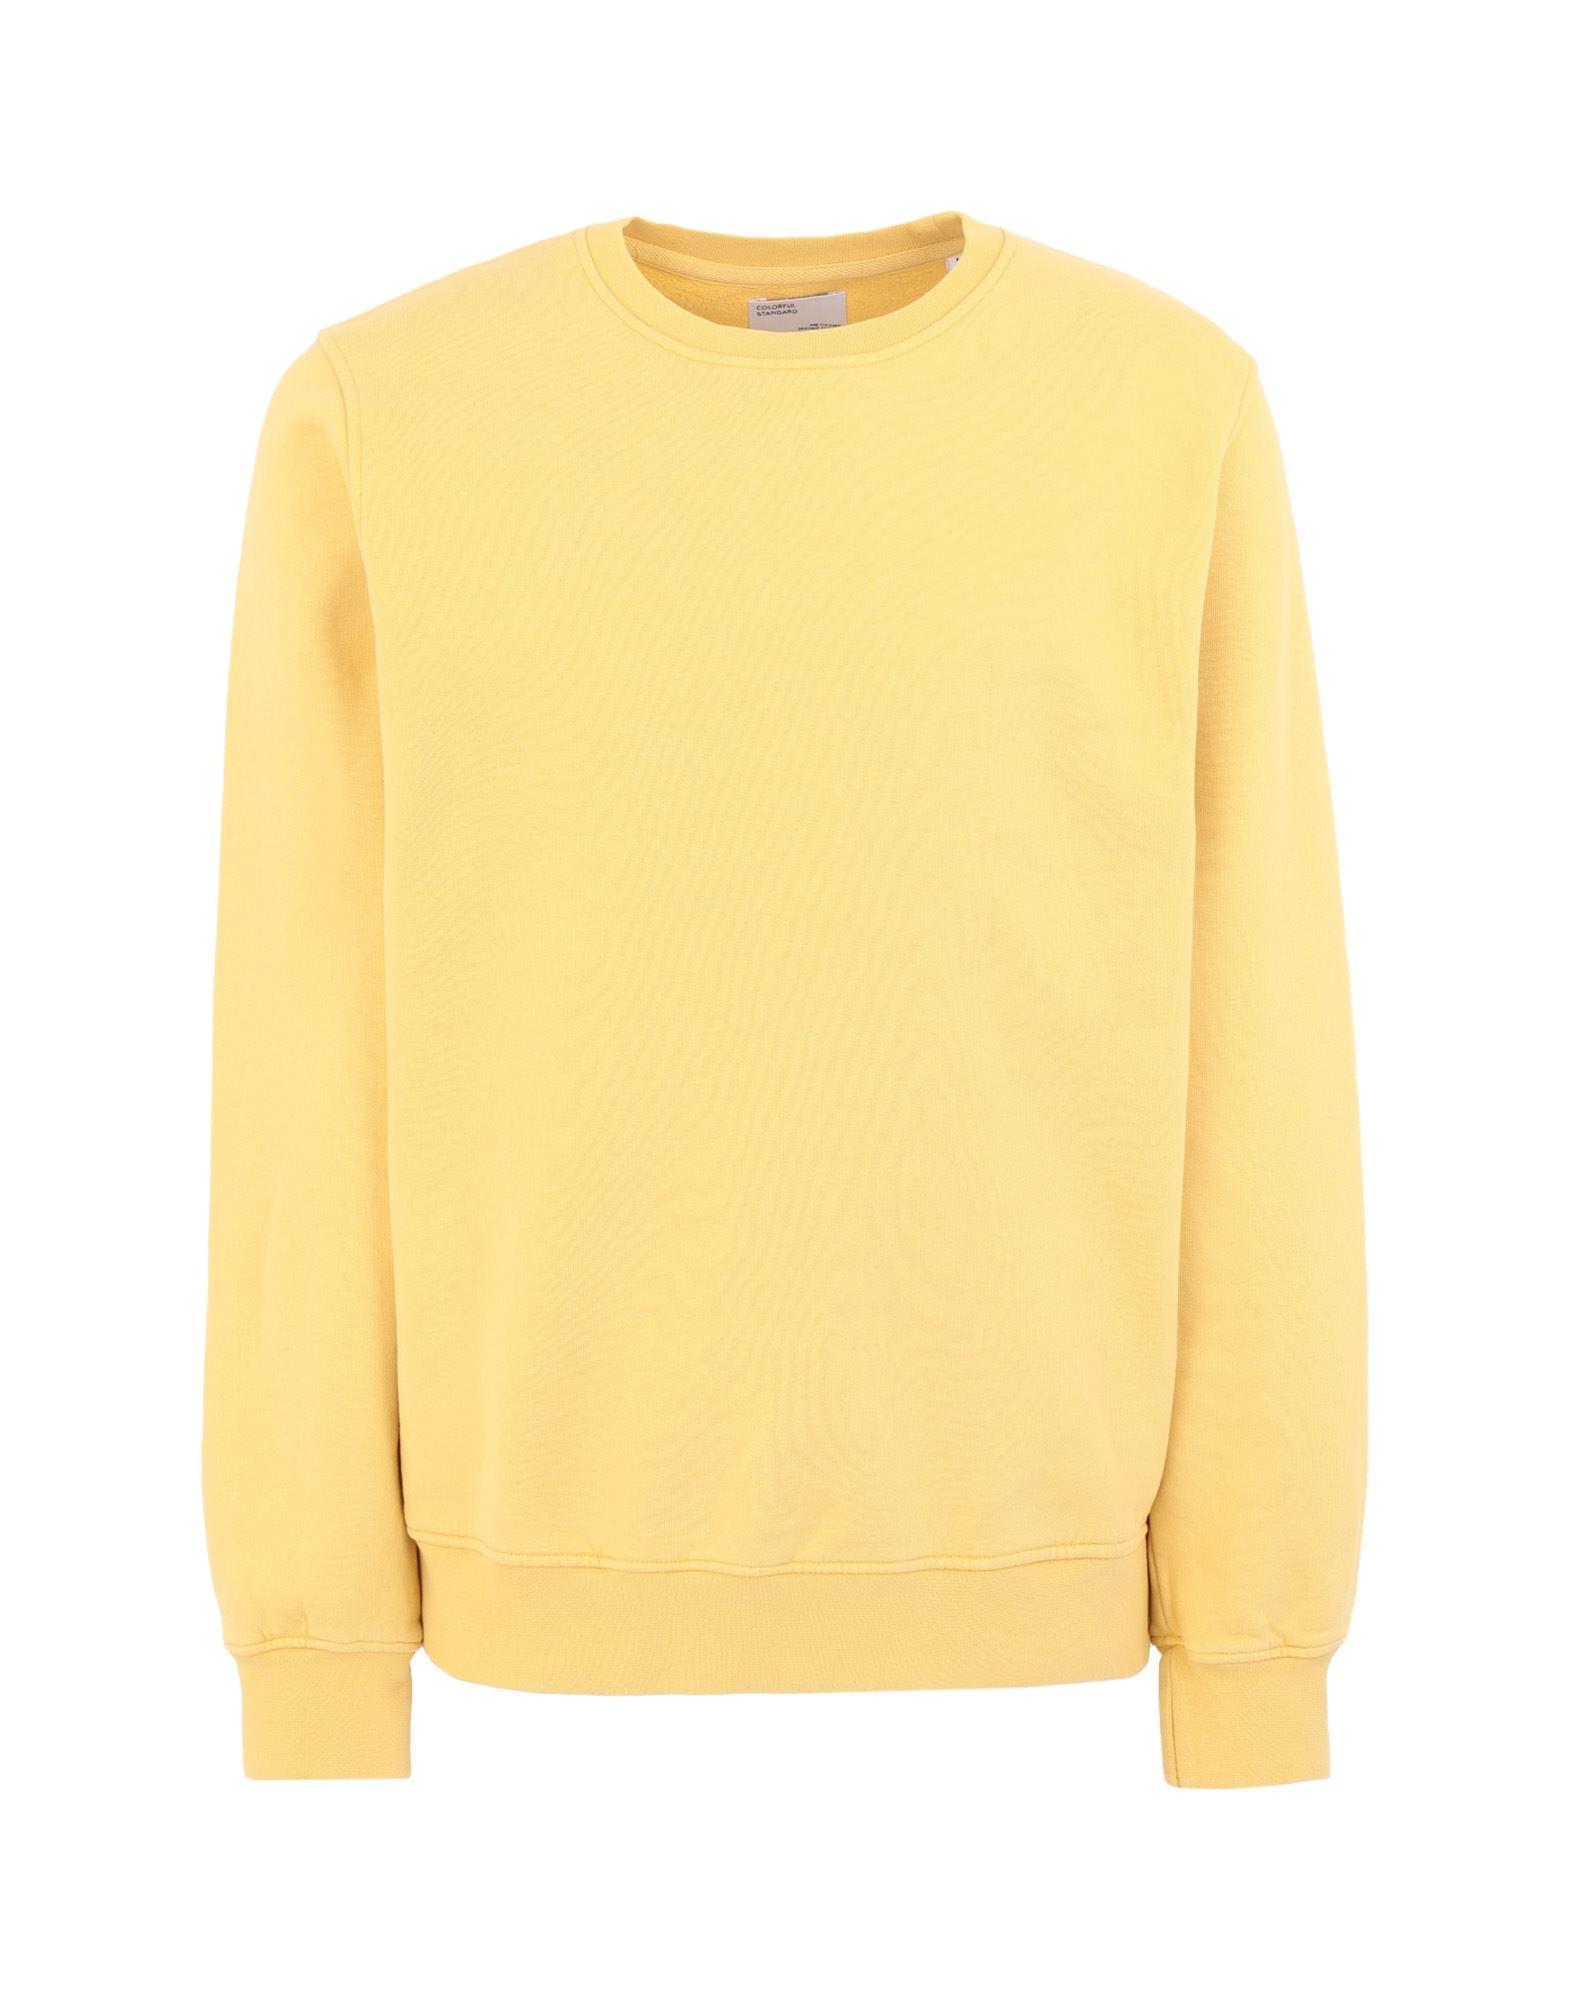 《セール開催中》COLORFUL STANDARD メンズ スウェットシャツ イエロー S オーガニックコットン 100%